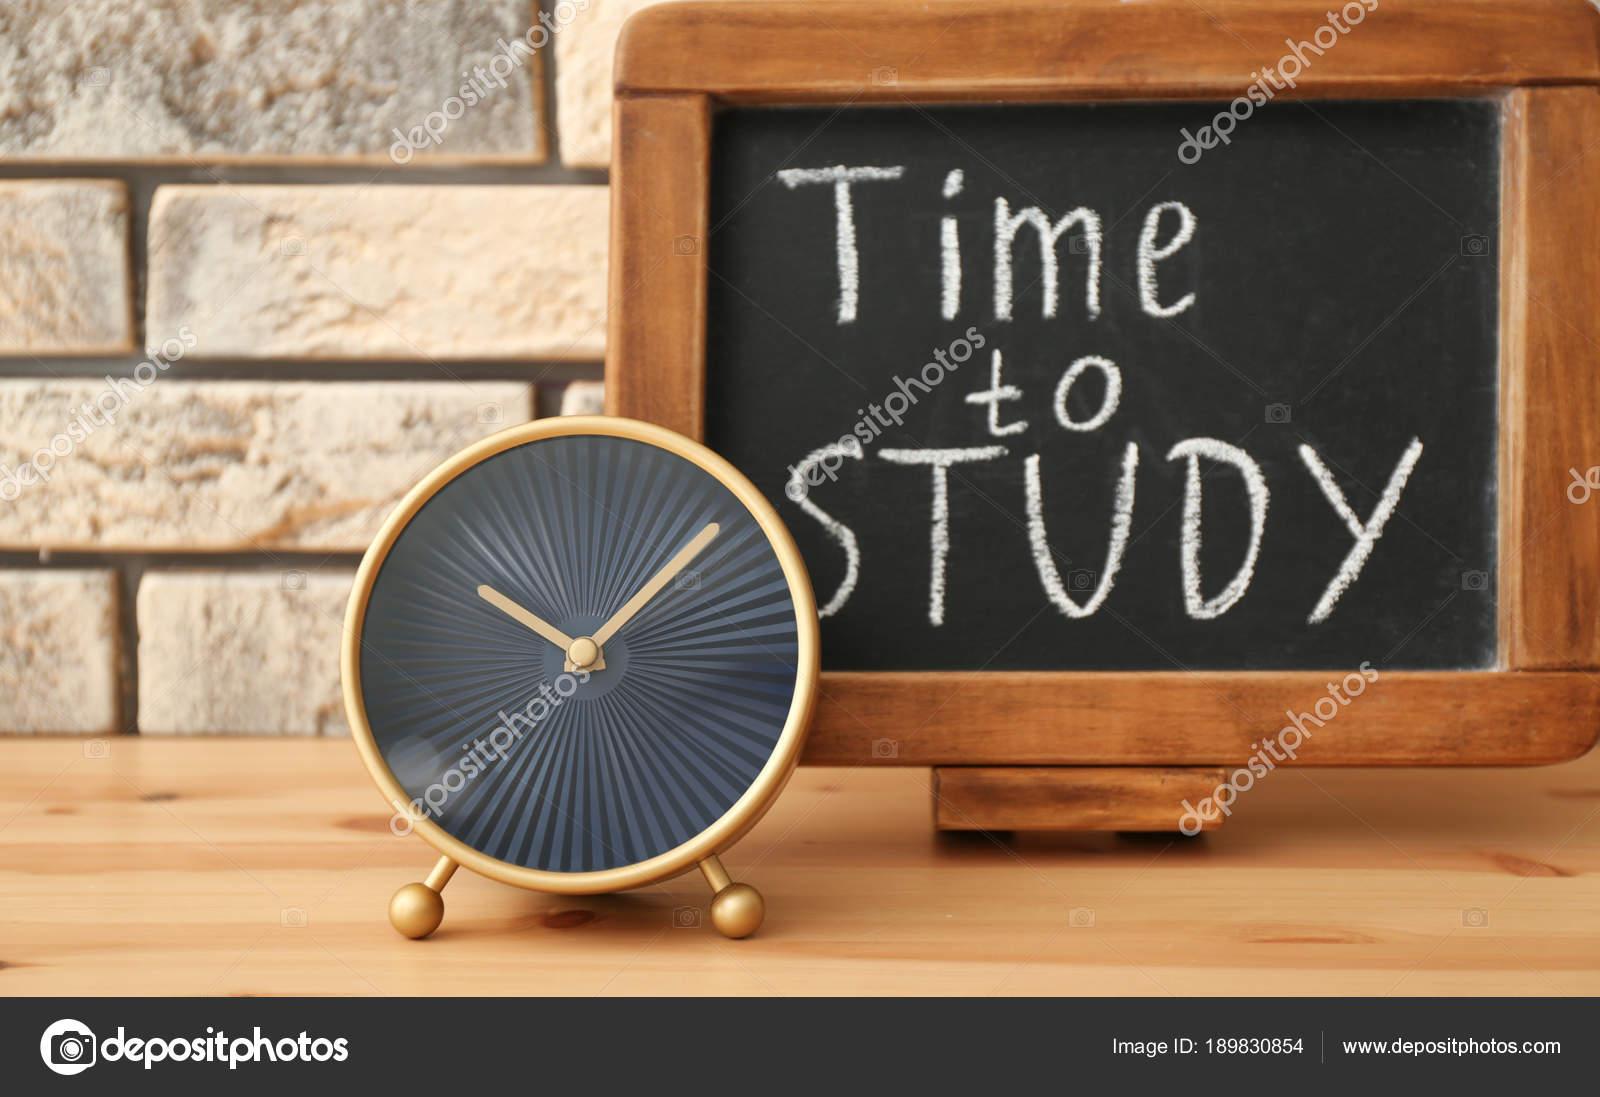 1dd4df8839b Moderno relógio e quadro-negro com a frase